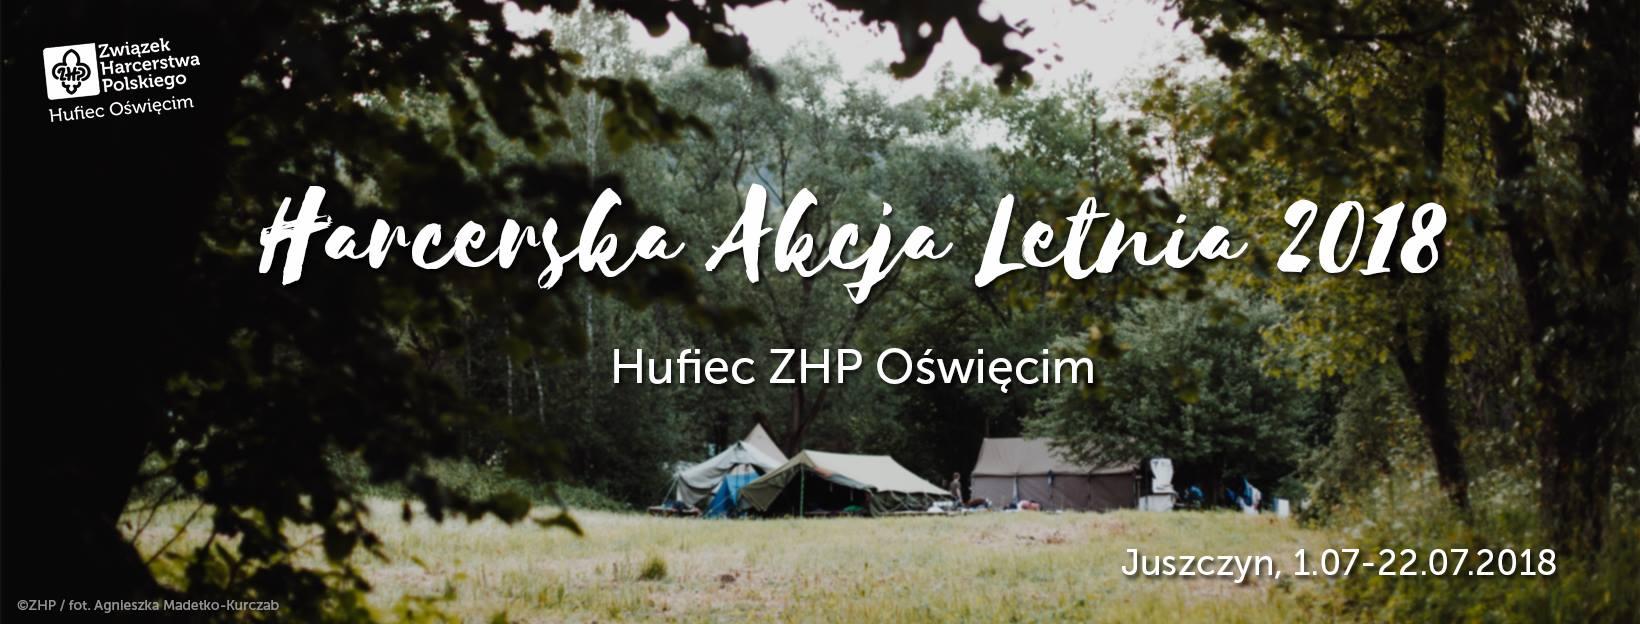 JUSZCZYN. Obóz z harcerzami z Oświęcimia i gm. Brzeszcze ewakuowany!